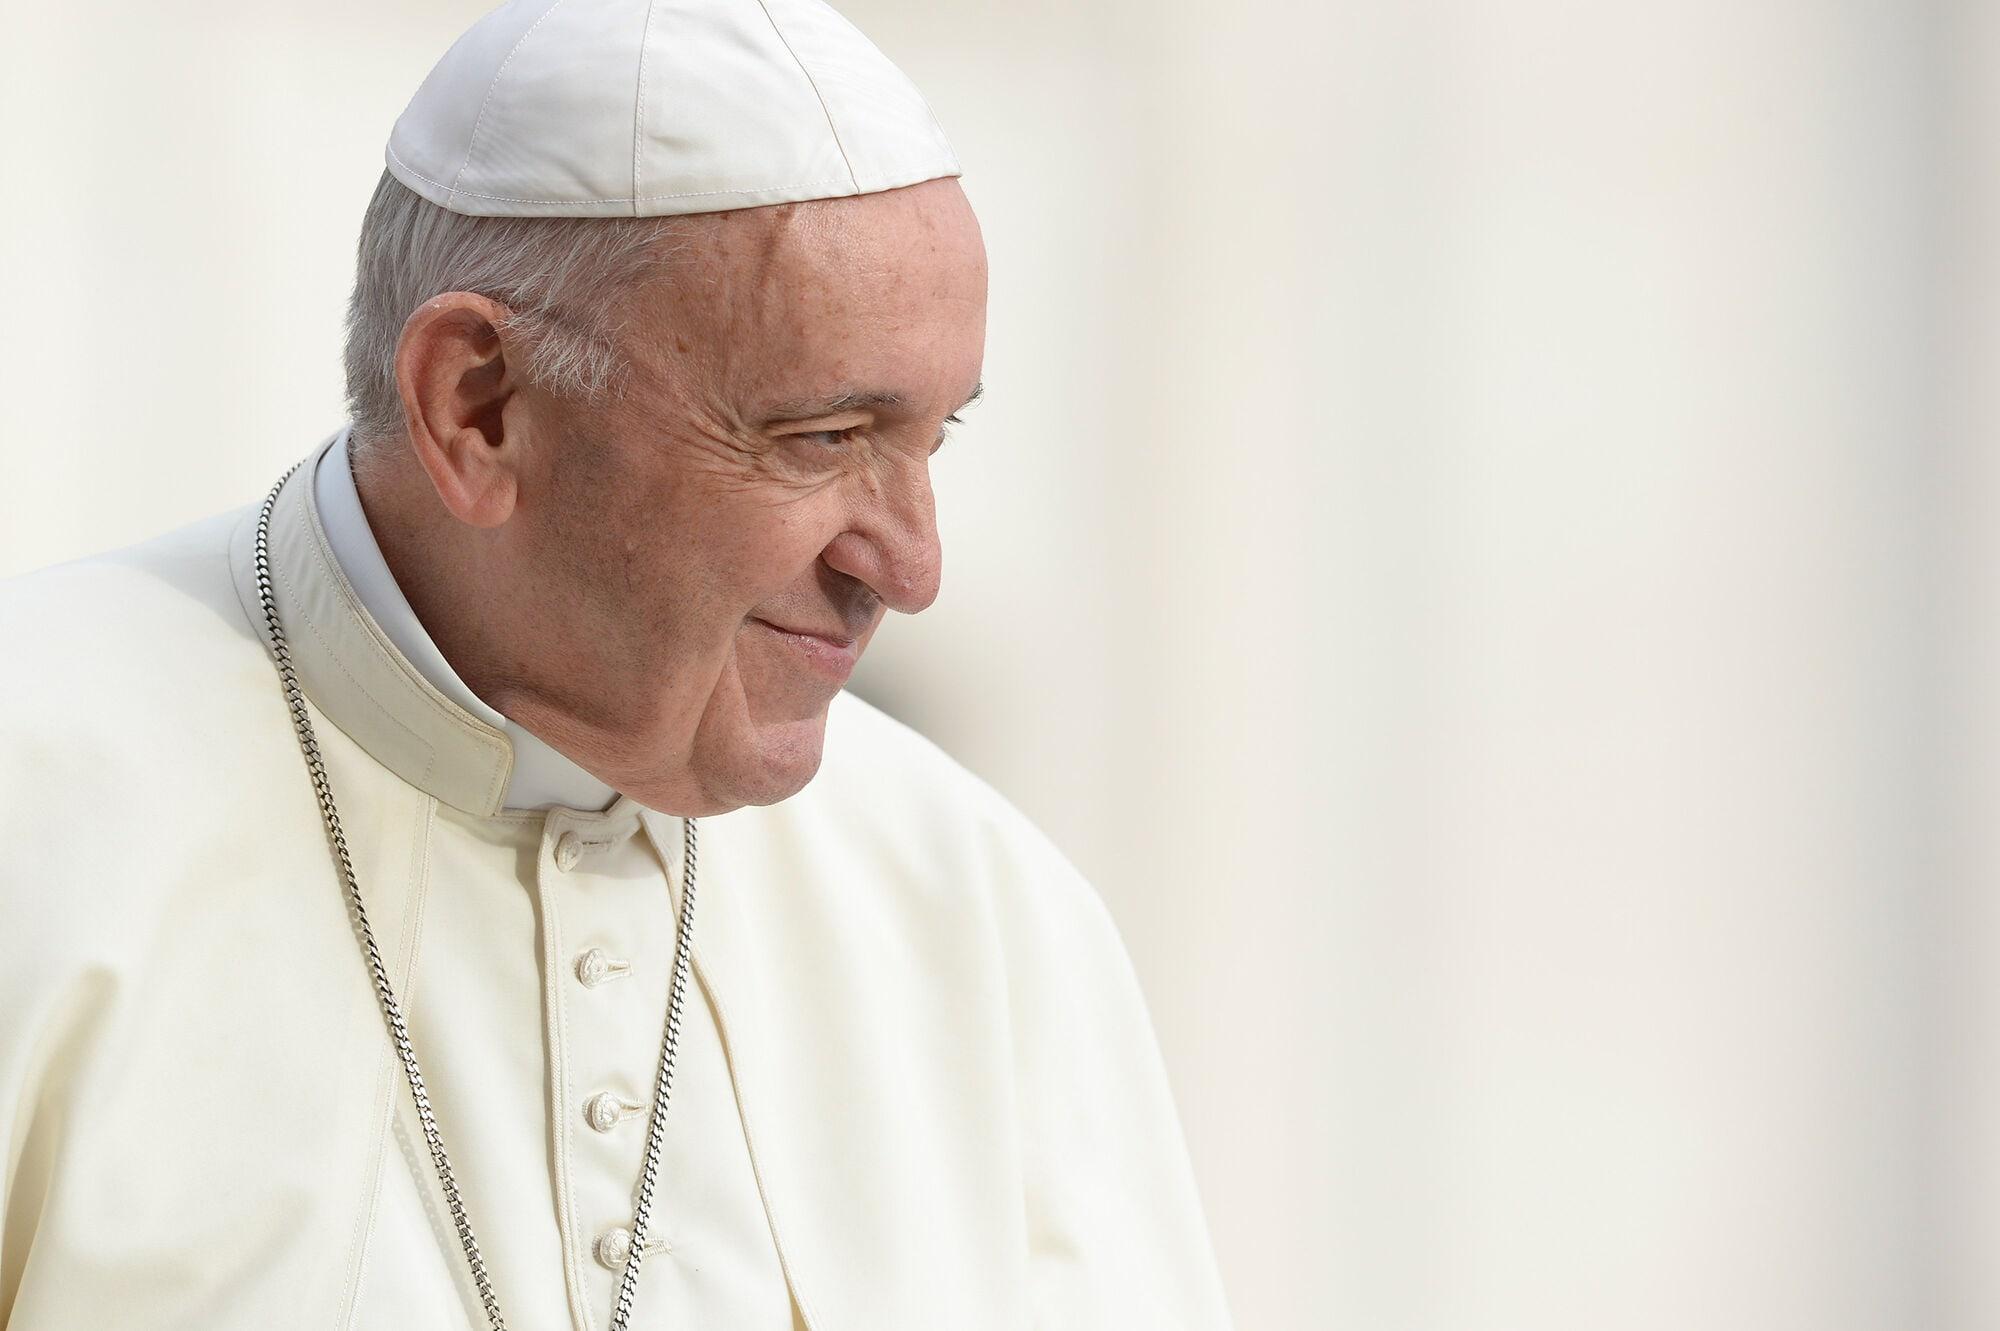 Ferenc Pápa Titkosítás Pedofília Vatikán